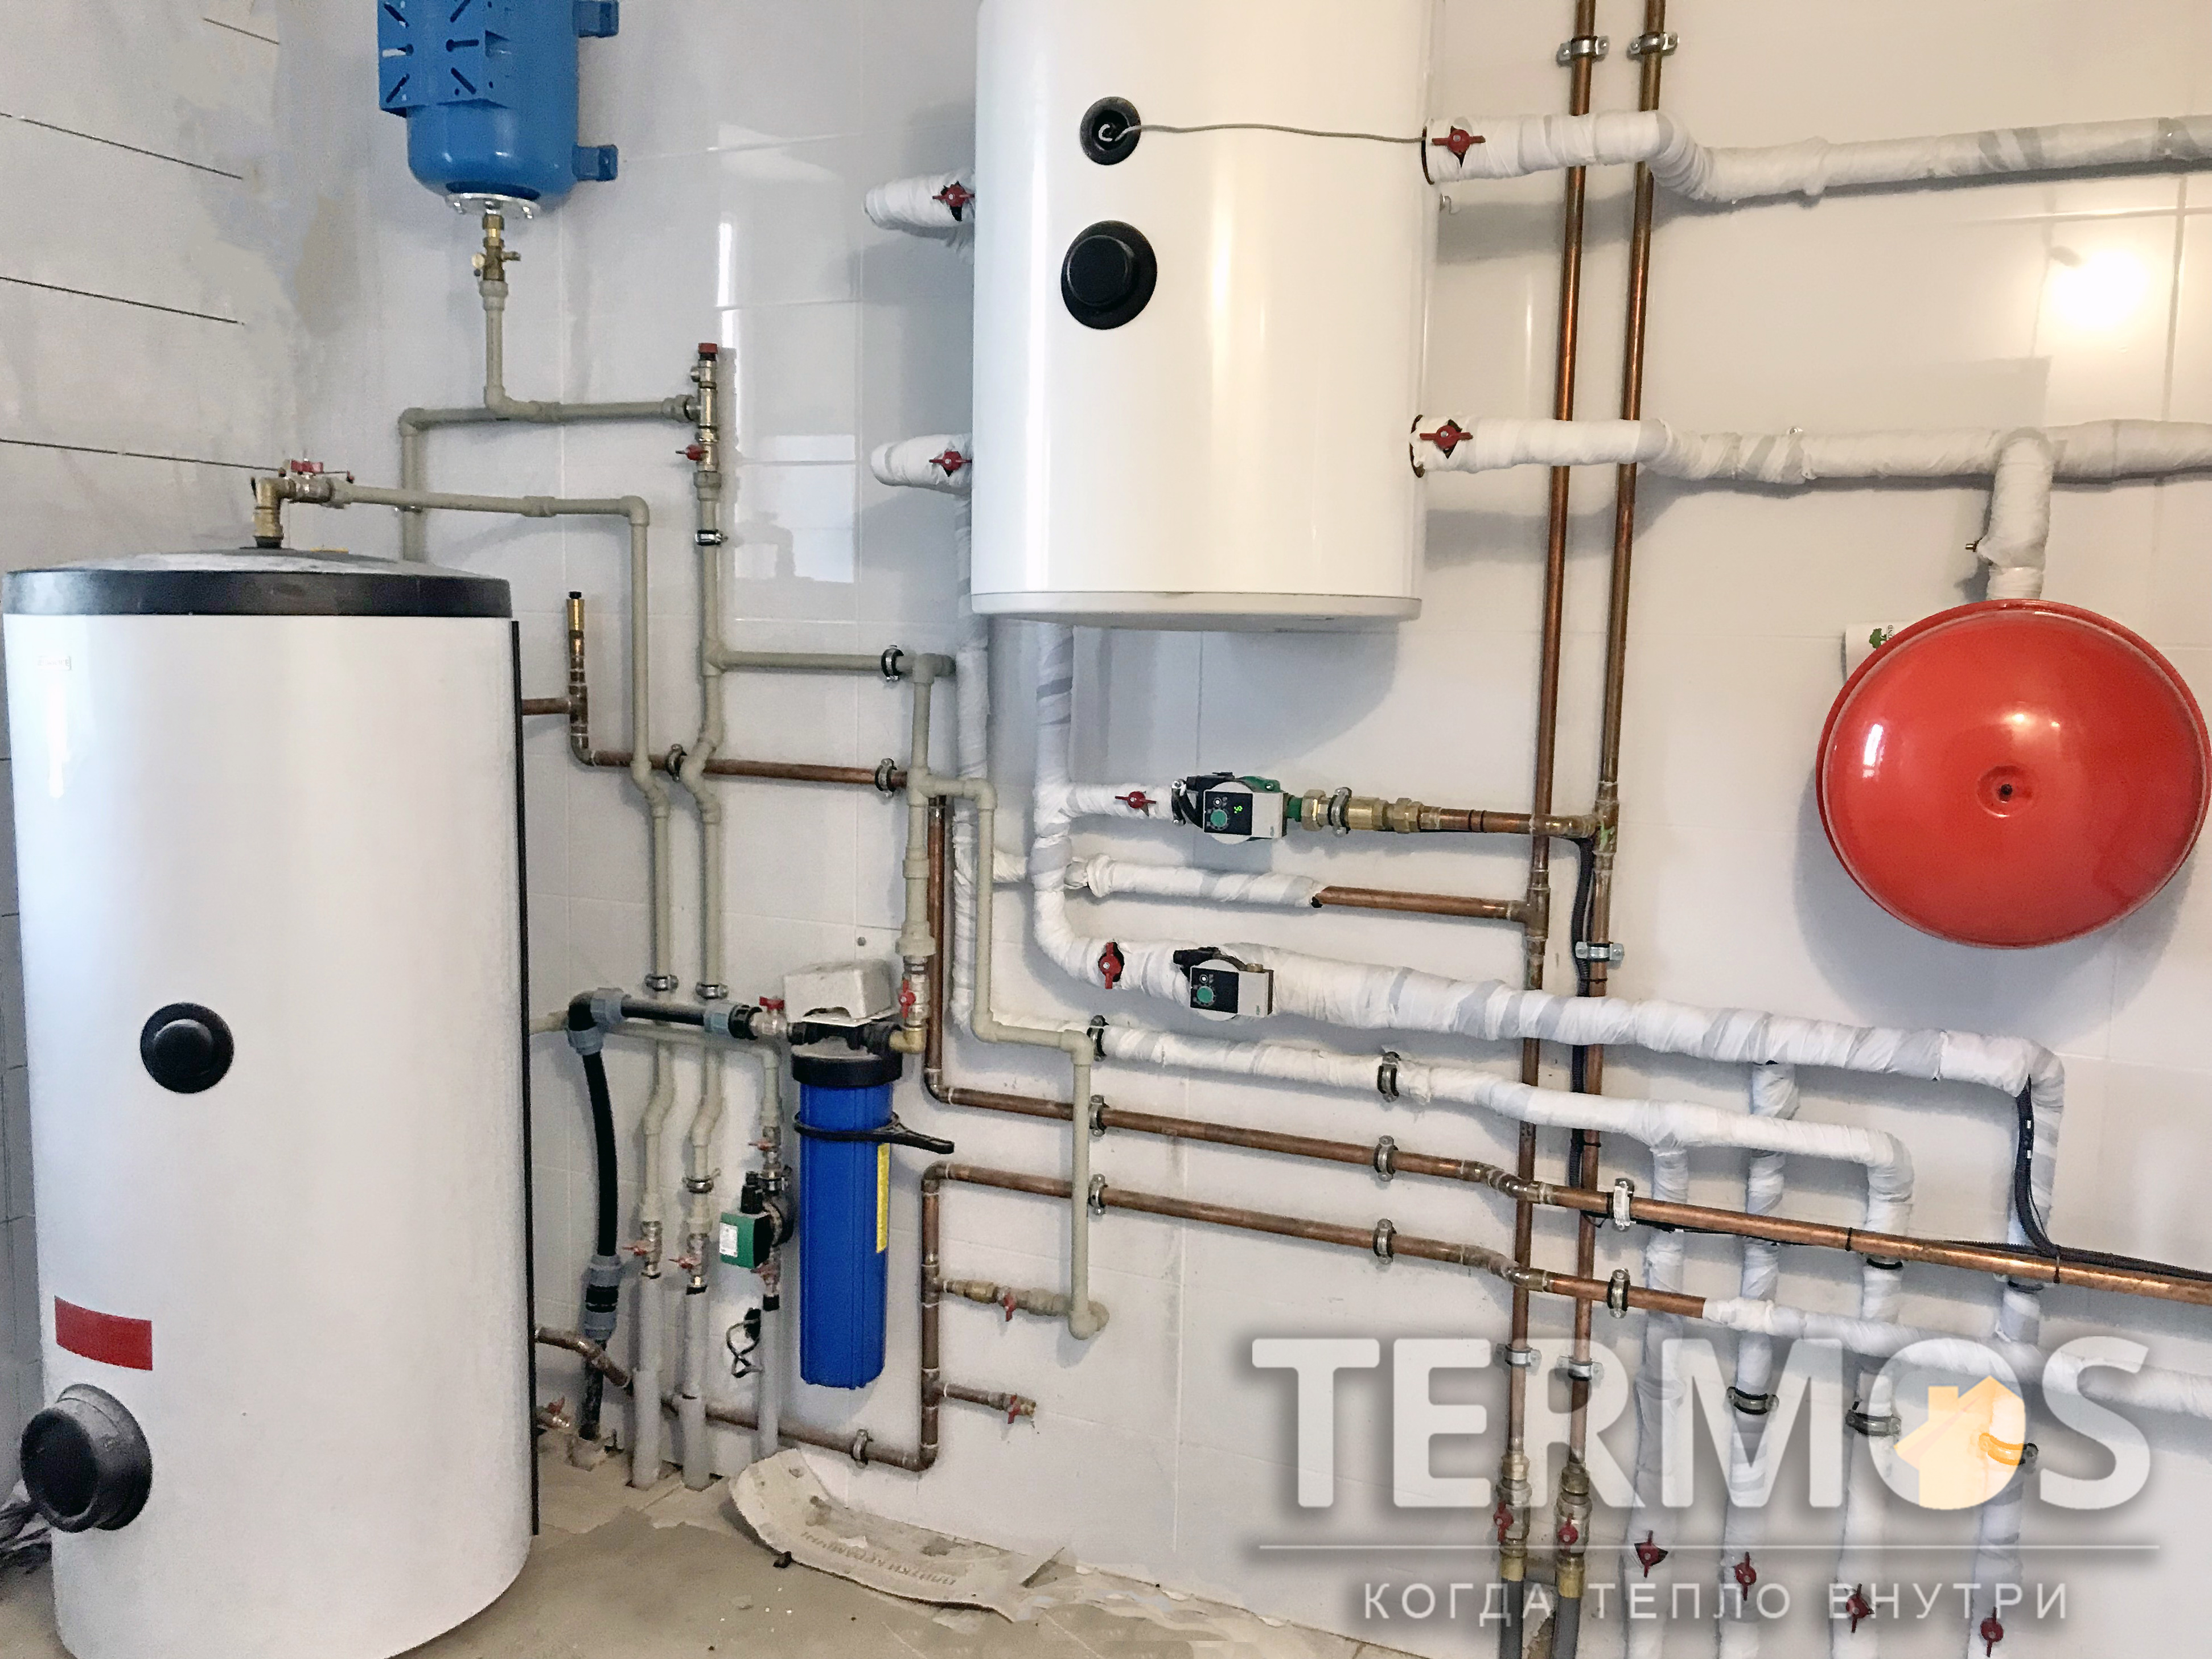 Приготовление горячей воды производится тепловым насосом в высокоэффективном бойлере косвенного нагрева Drazice OKC 300 NTR/HP 300 л